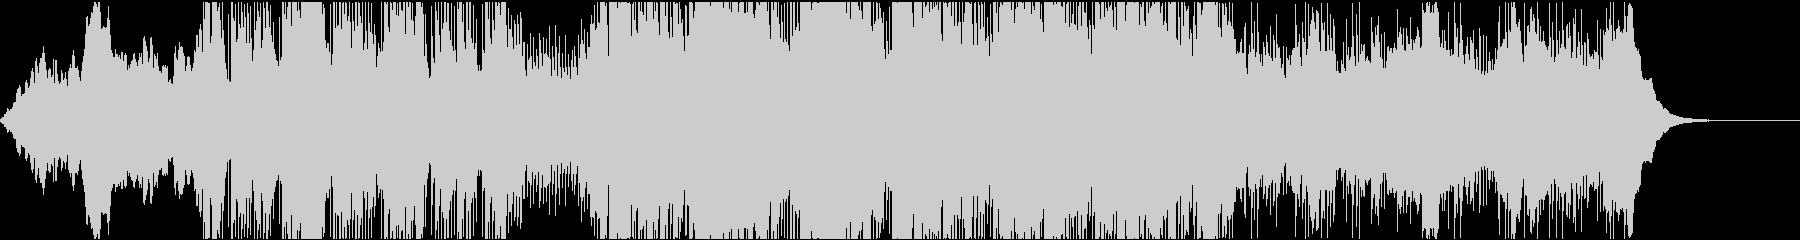 ダークでノイジーなインダストリアルの未再生の波形